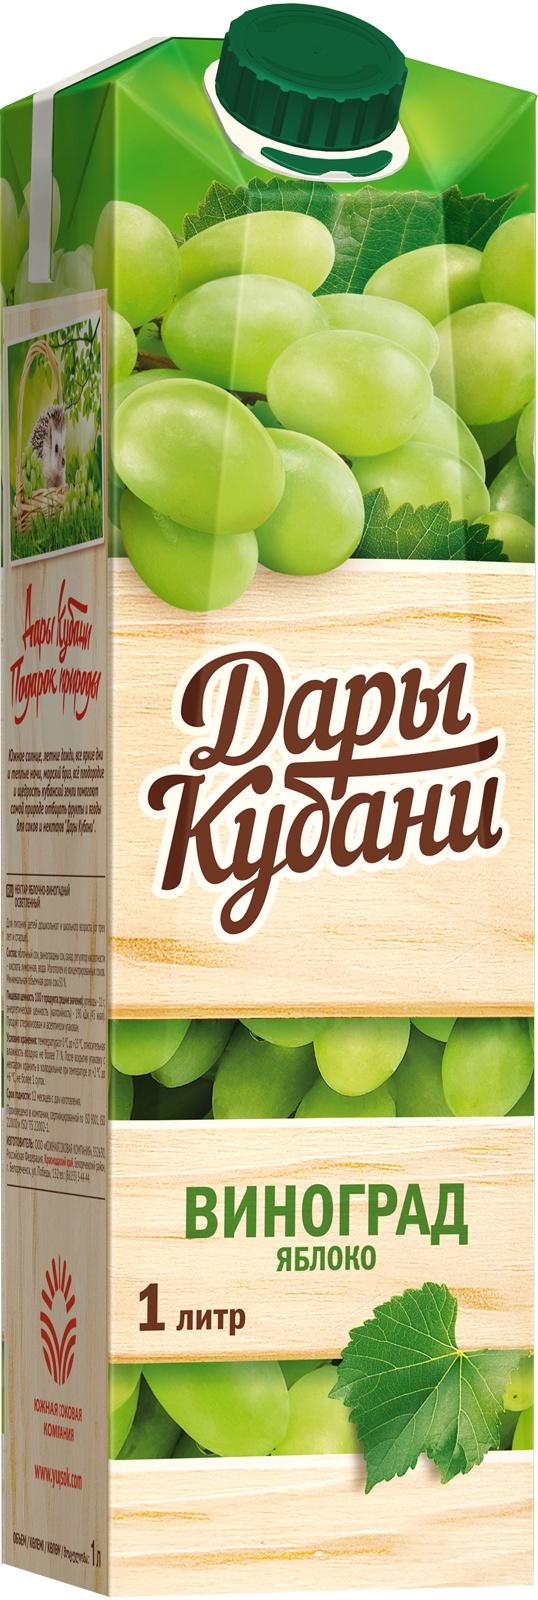 Нектар Дары Кубани яблочно-виноградный осветленный 1 л pfanner нектар персик 1 л